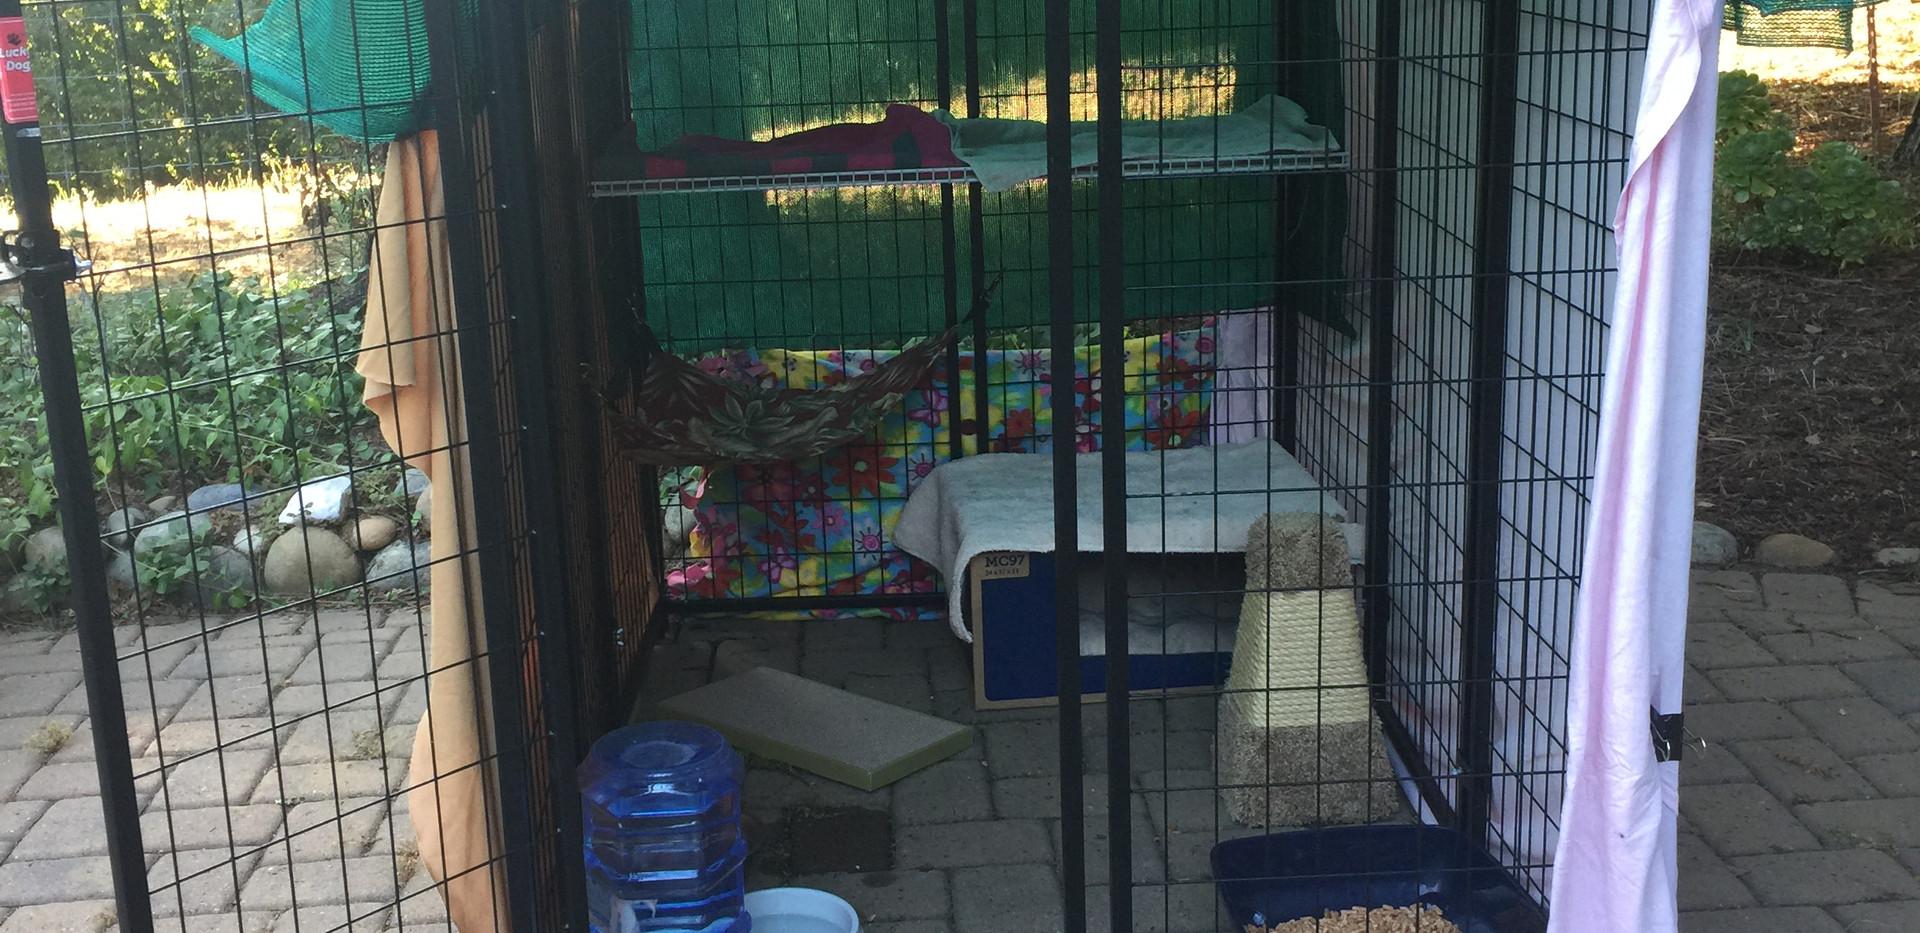 Kennel set up